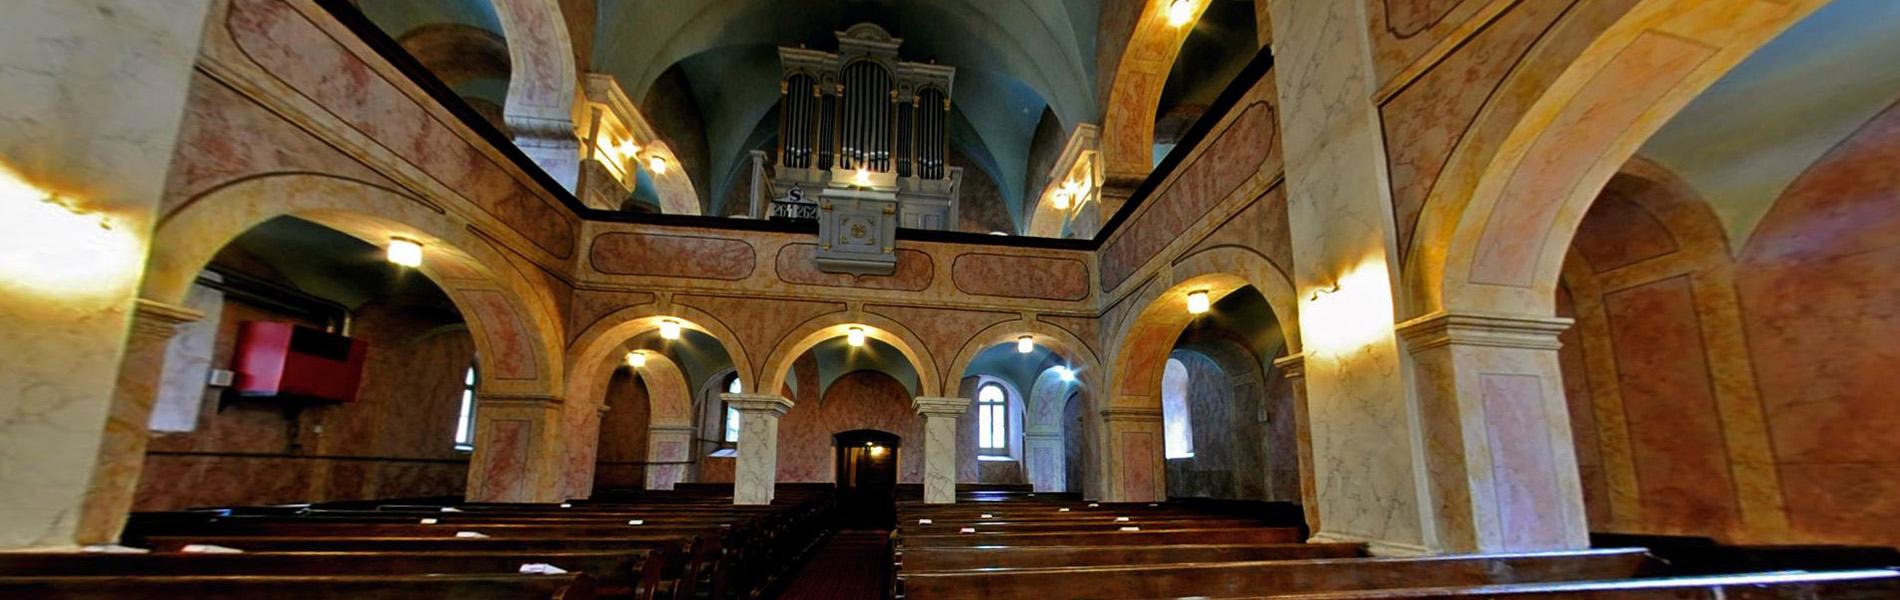 Székelyudvarhely belvárosi református templom